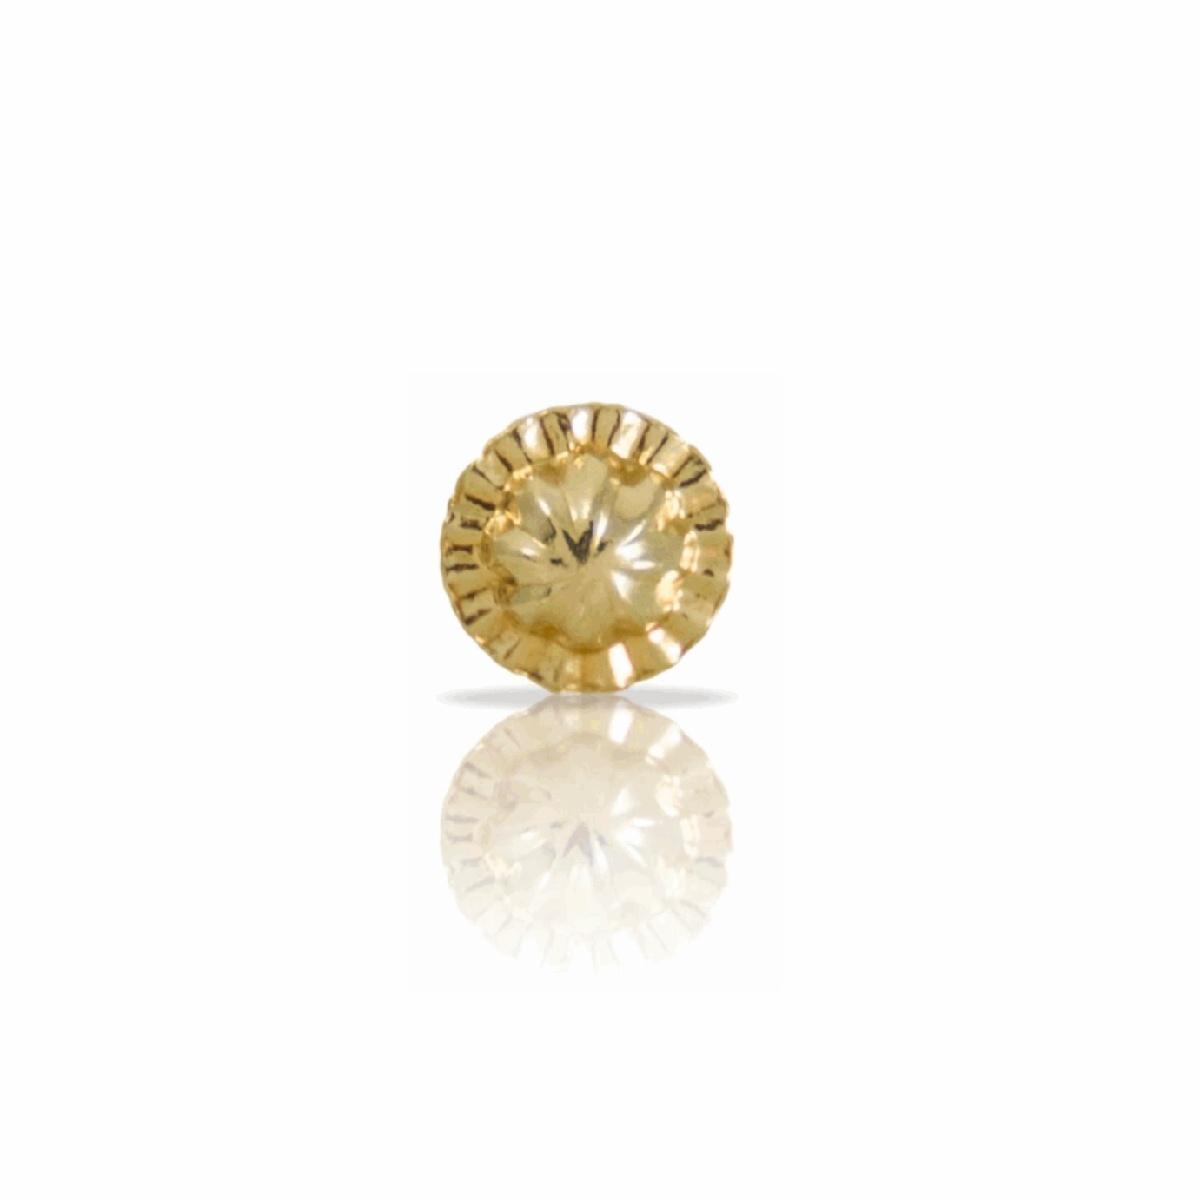 Capacel aur